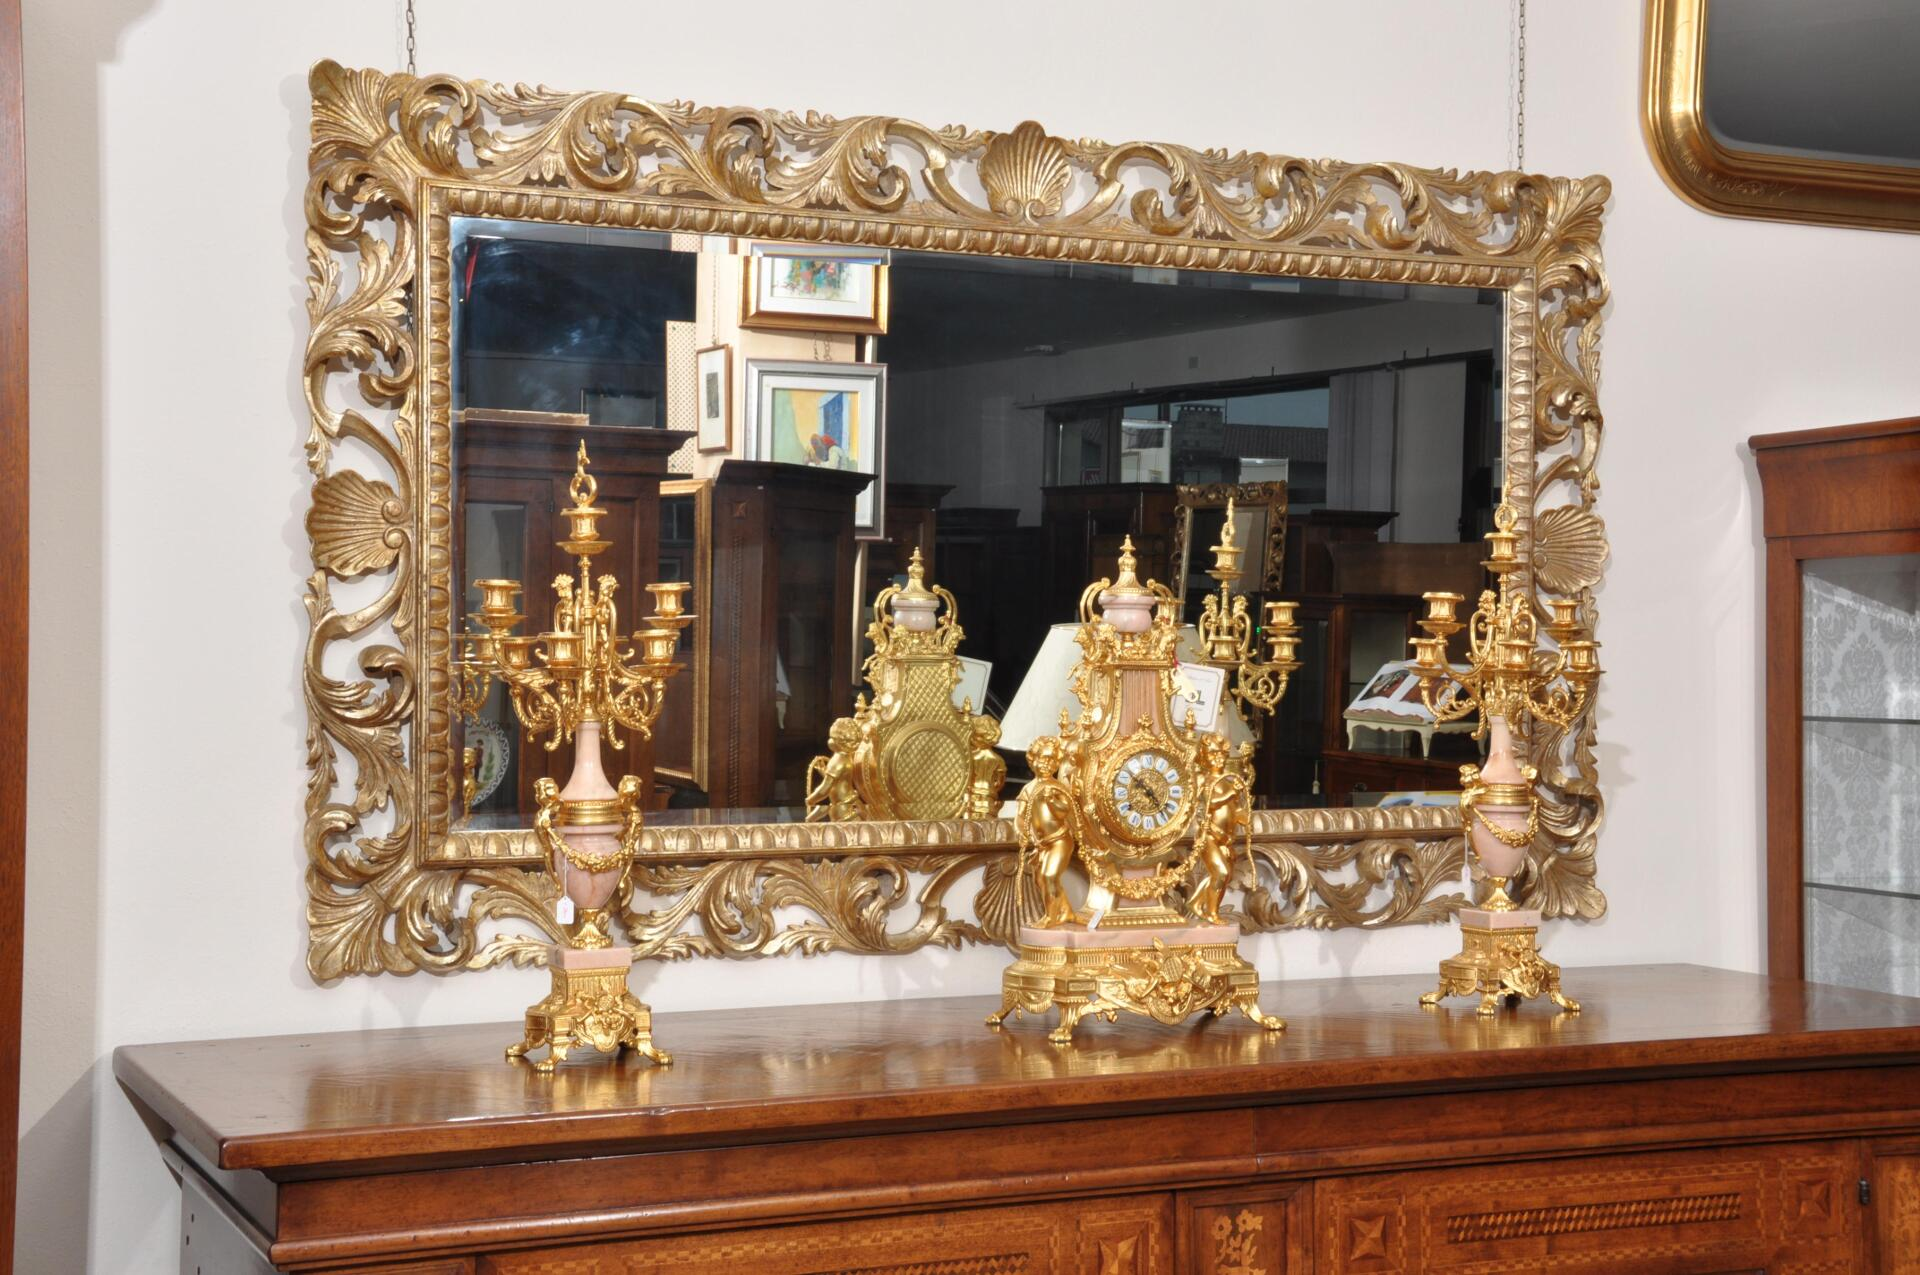 Specchiera di lusso riprodotta in stile barocco 39 700 - Mobili stile barocco ...